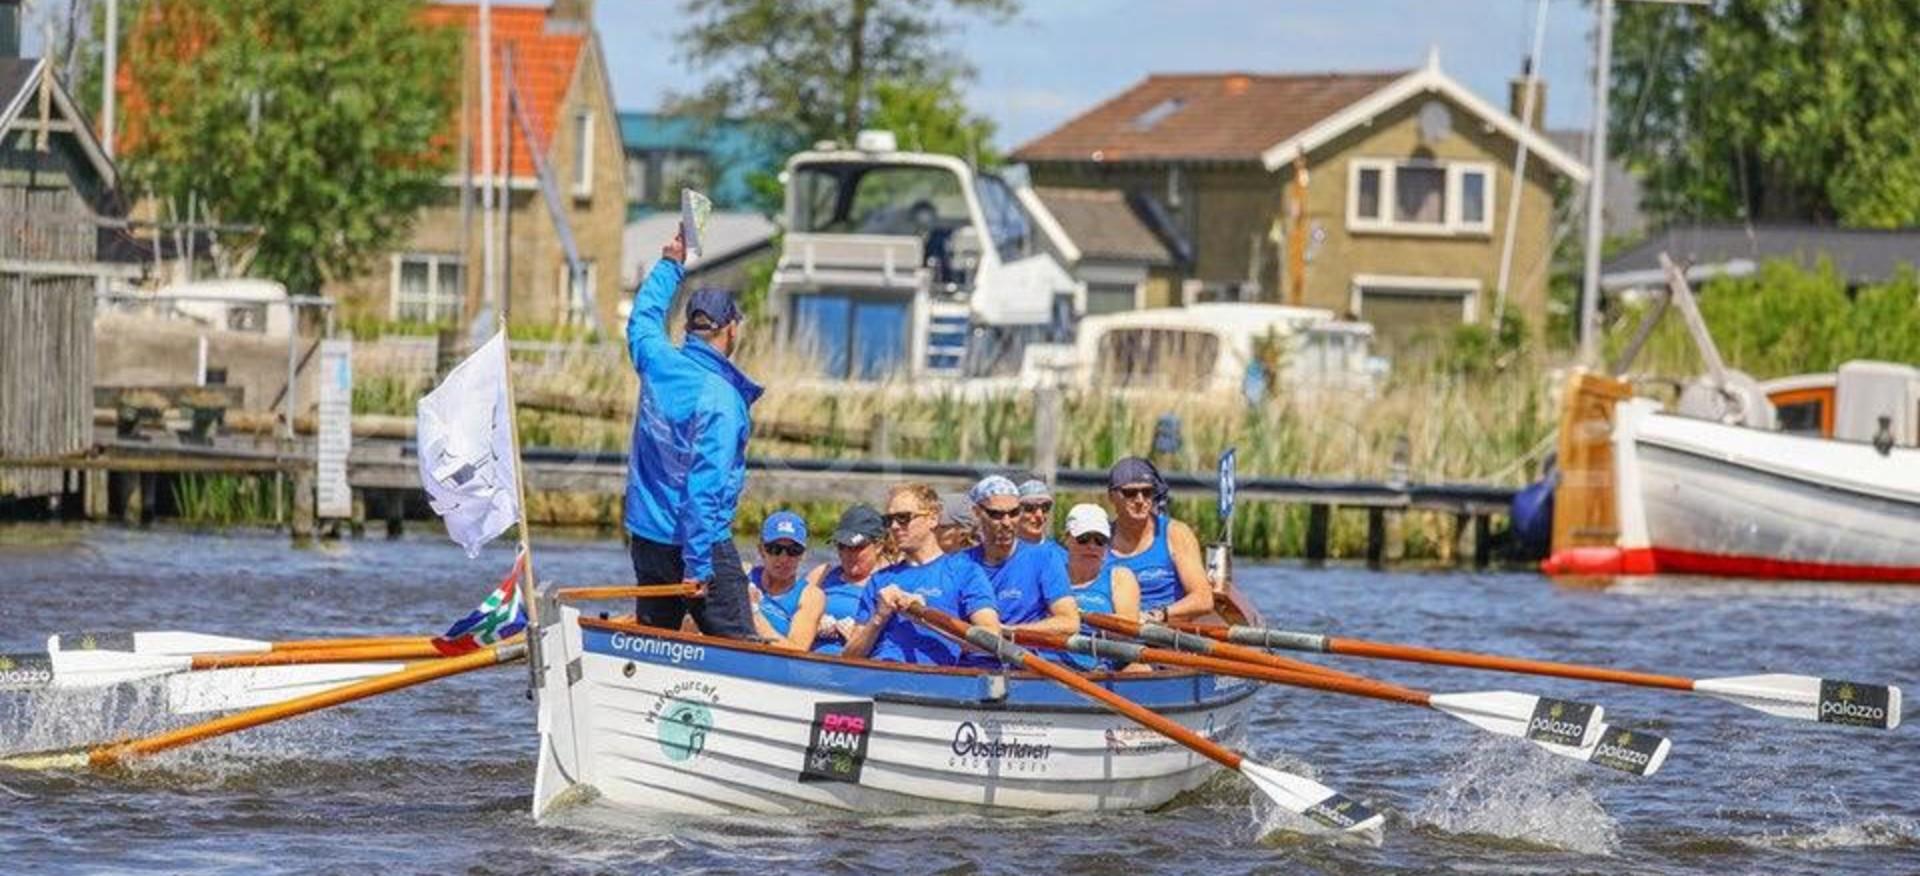 Grote Houten Boot.Sterke Mannen En Vrouwen In Houten Boten Sport In Stad